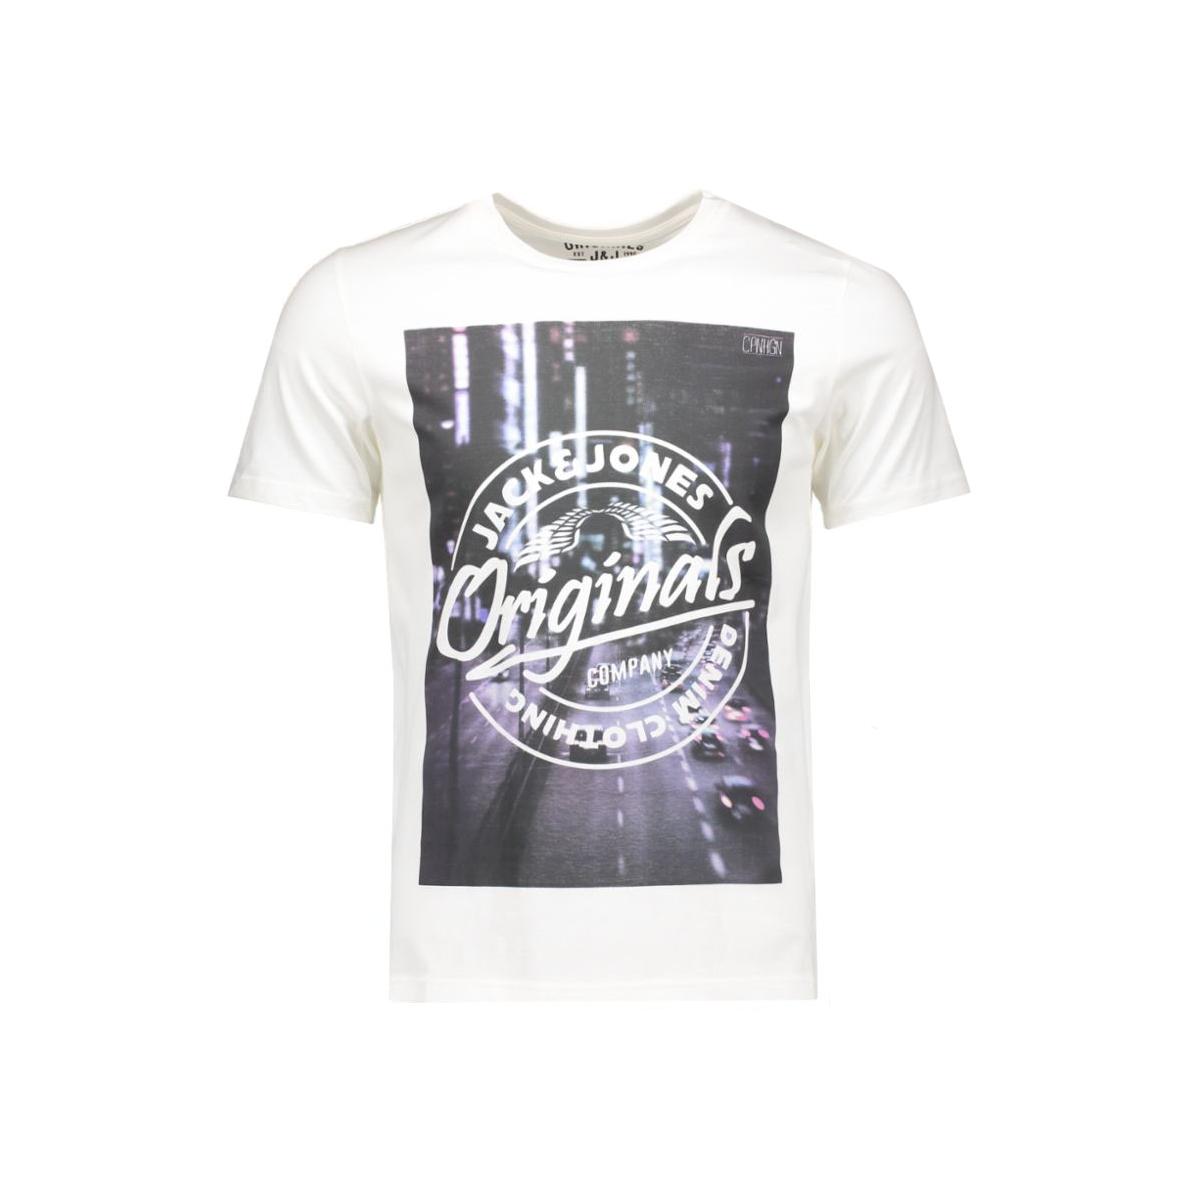 jortop tee ss crew neck 12112541 jack & jones t-shirt cloud dancer